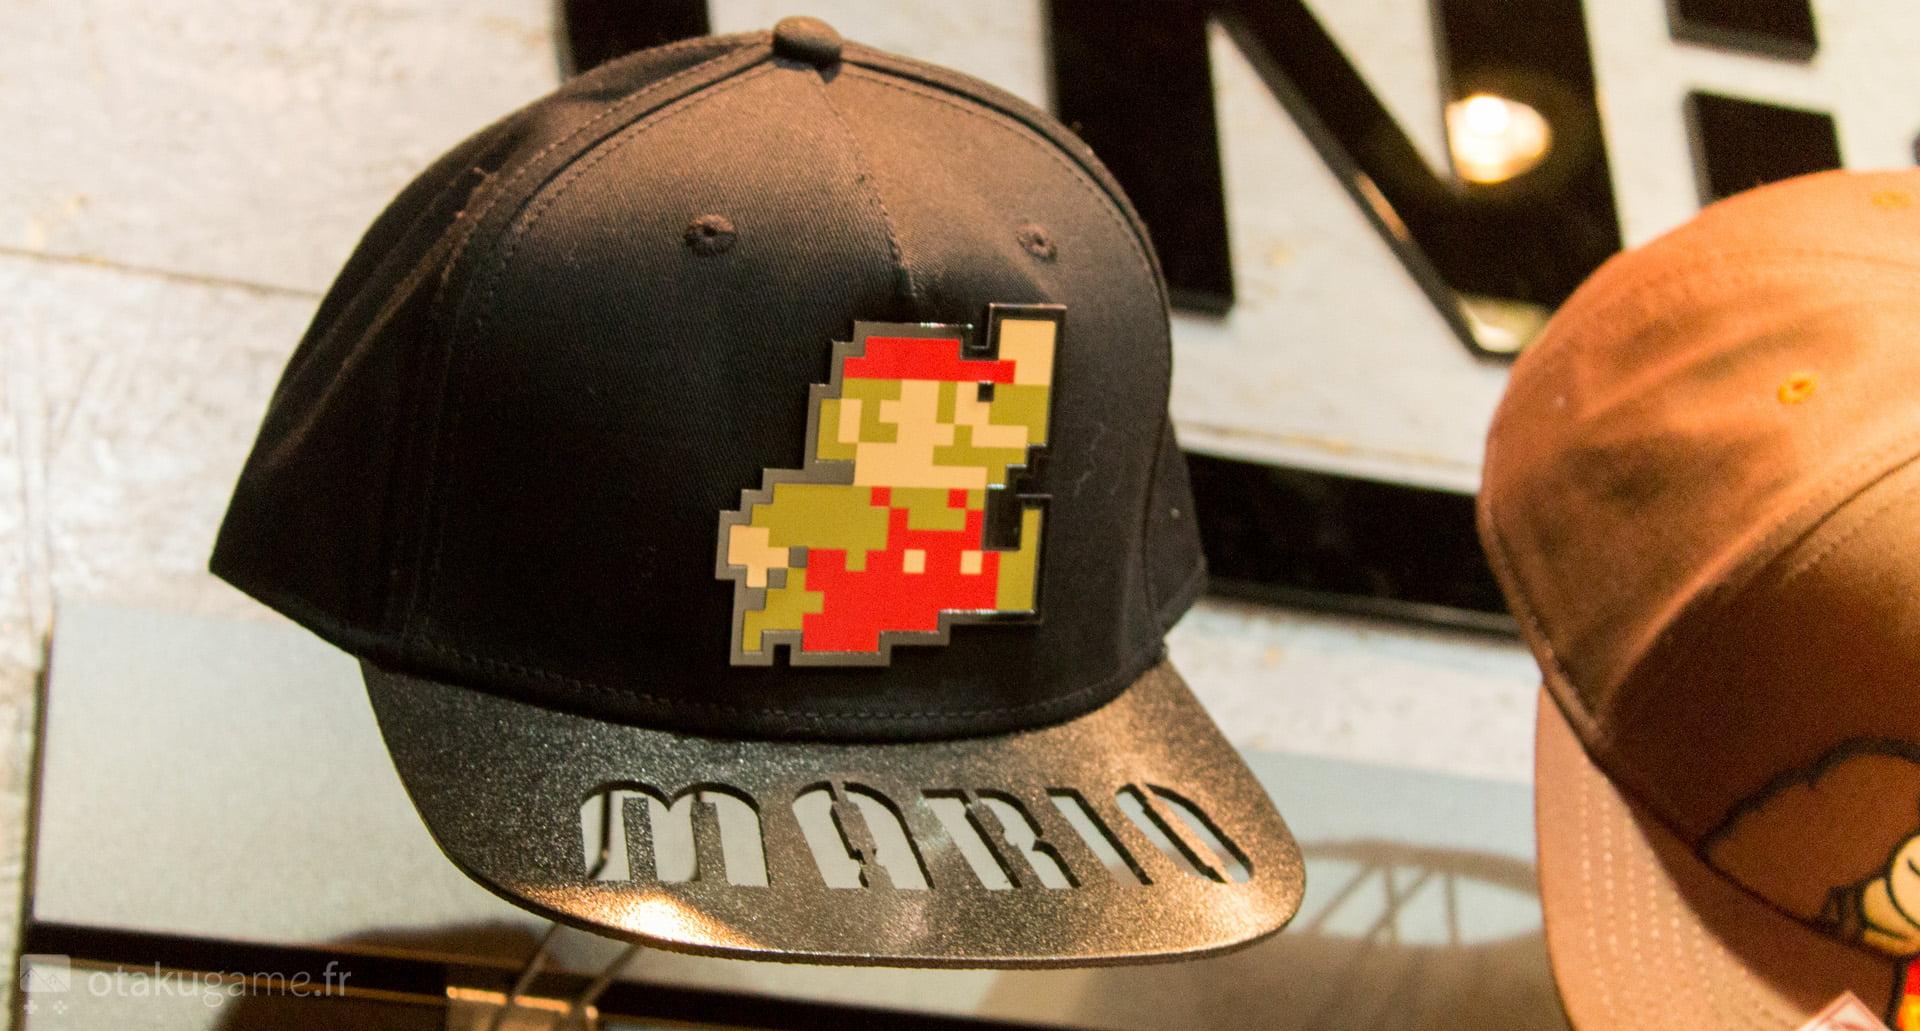 La casquette Mario gravée dans la visière